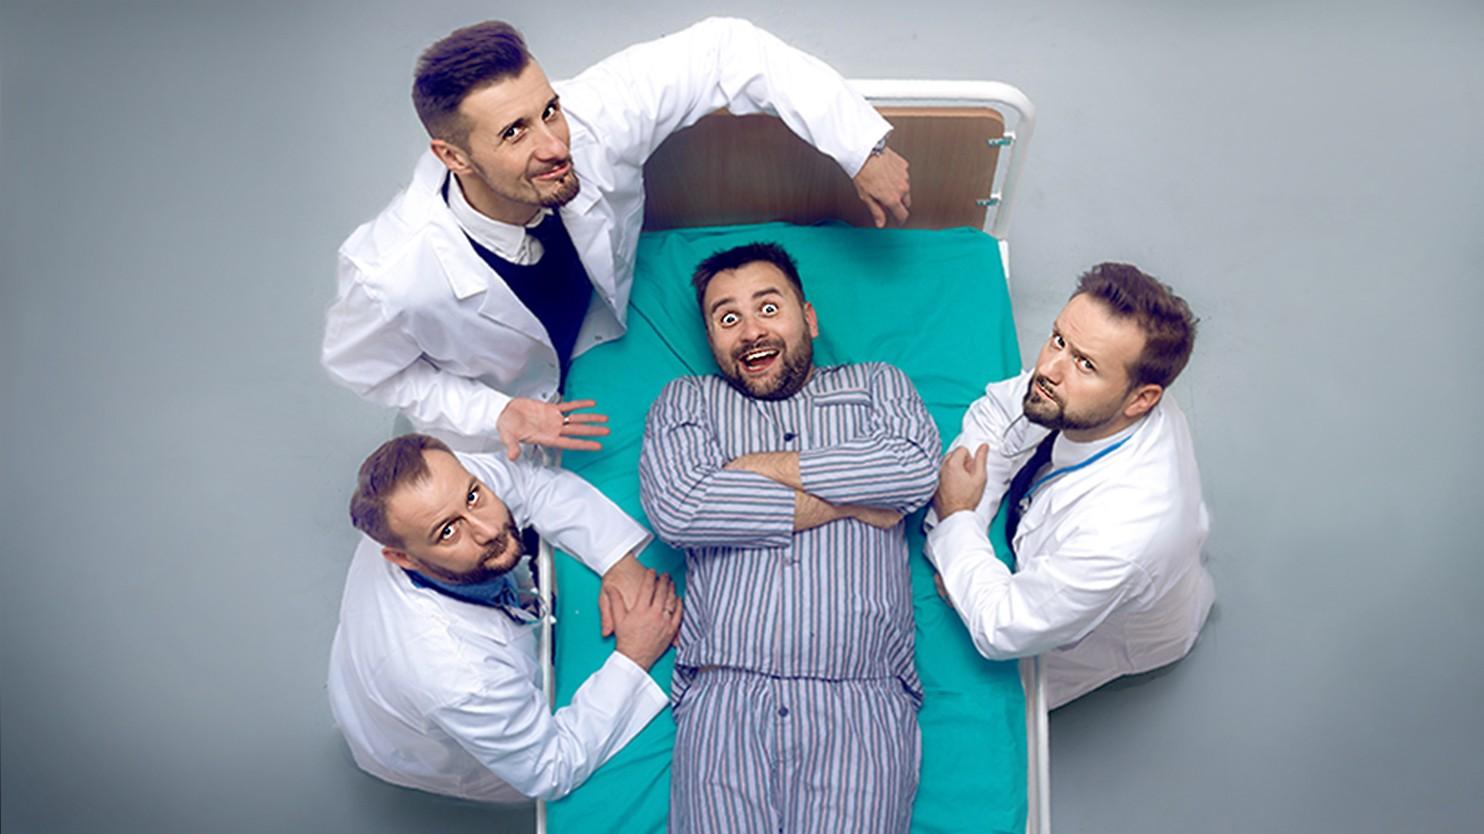 Klinika Skeczów Męczących leczy śmiechem. Zobacz żarty!